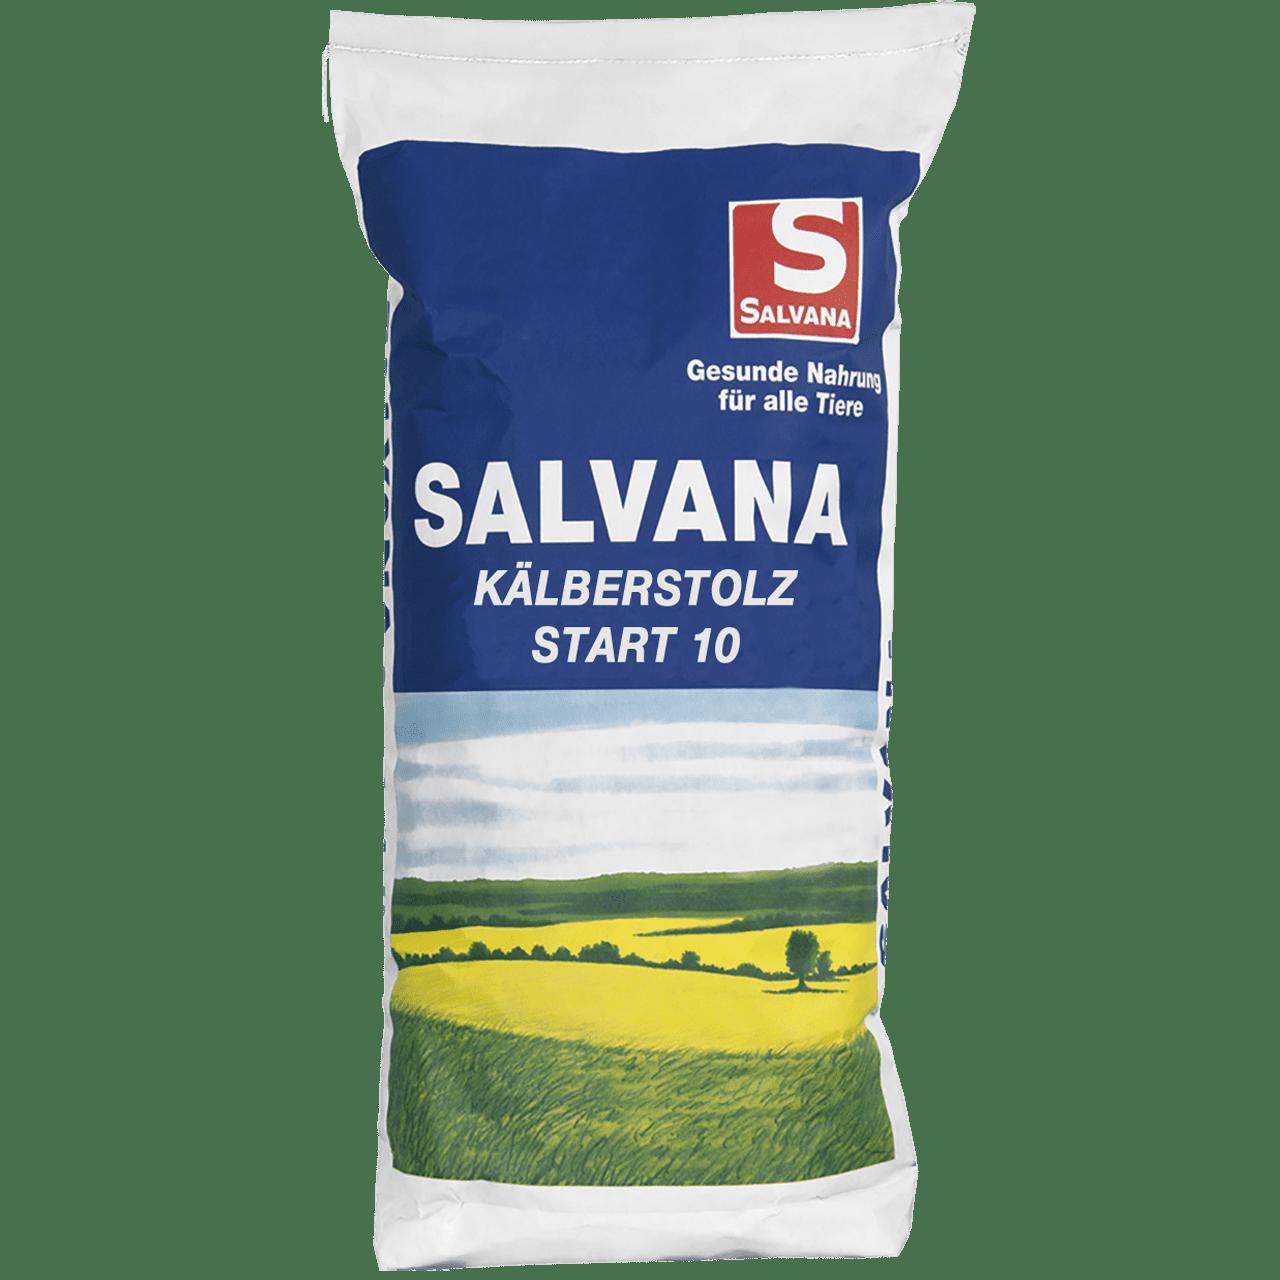 SALVANA KÄLBERSTOLZ START 10